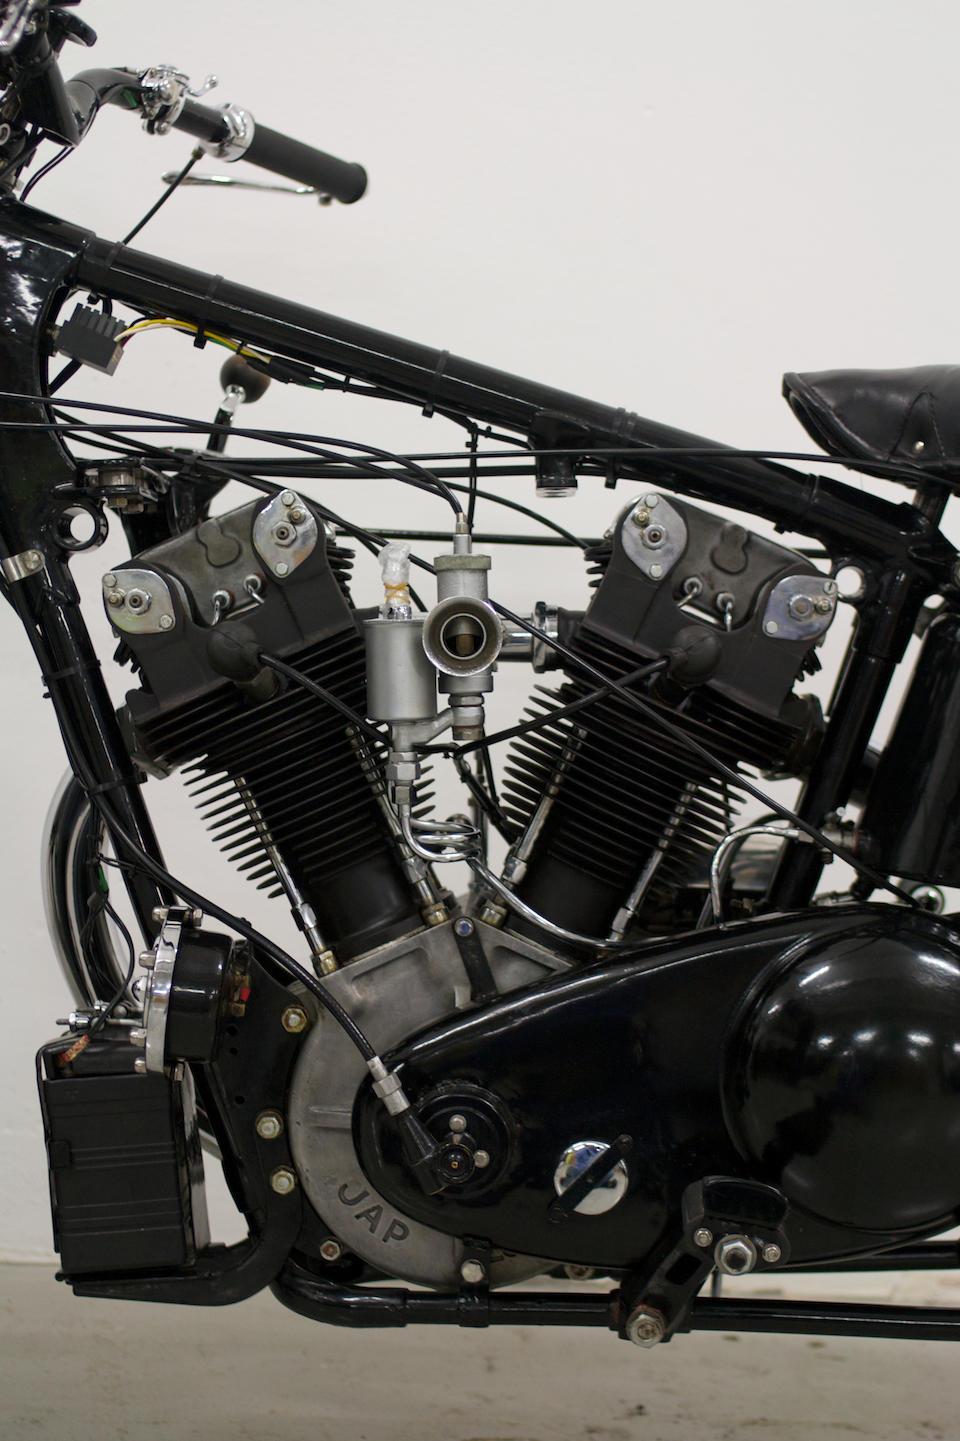 1934 Brough Superior 996cc SS100 Frame no. R1040 Engine no. 41230/S